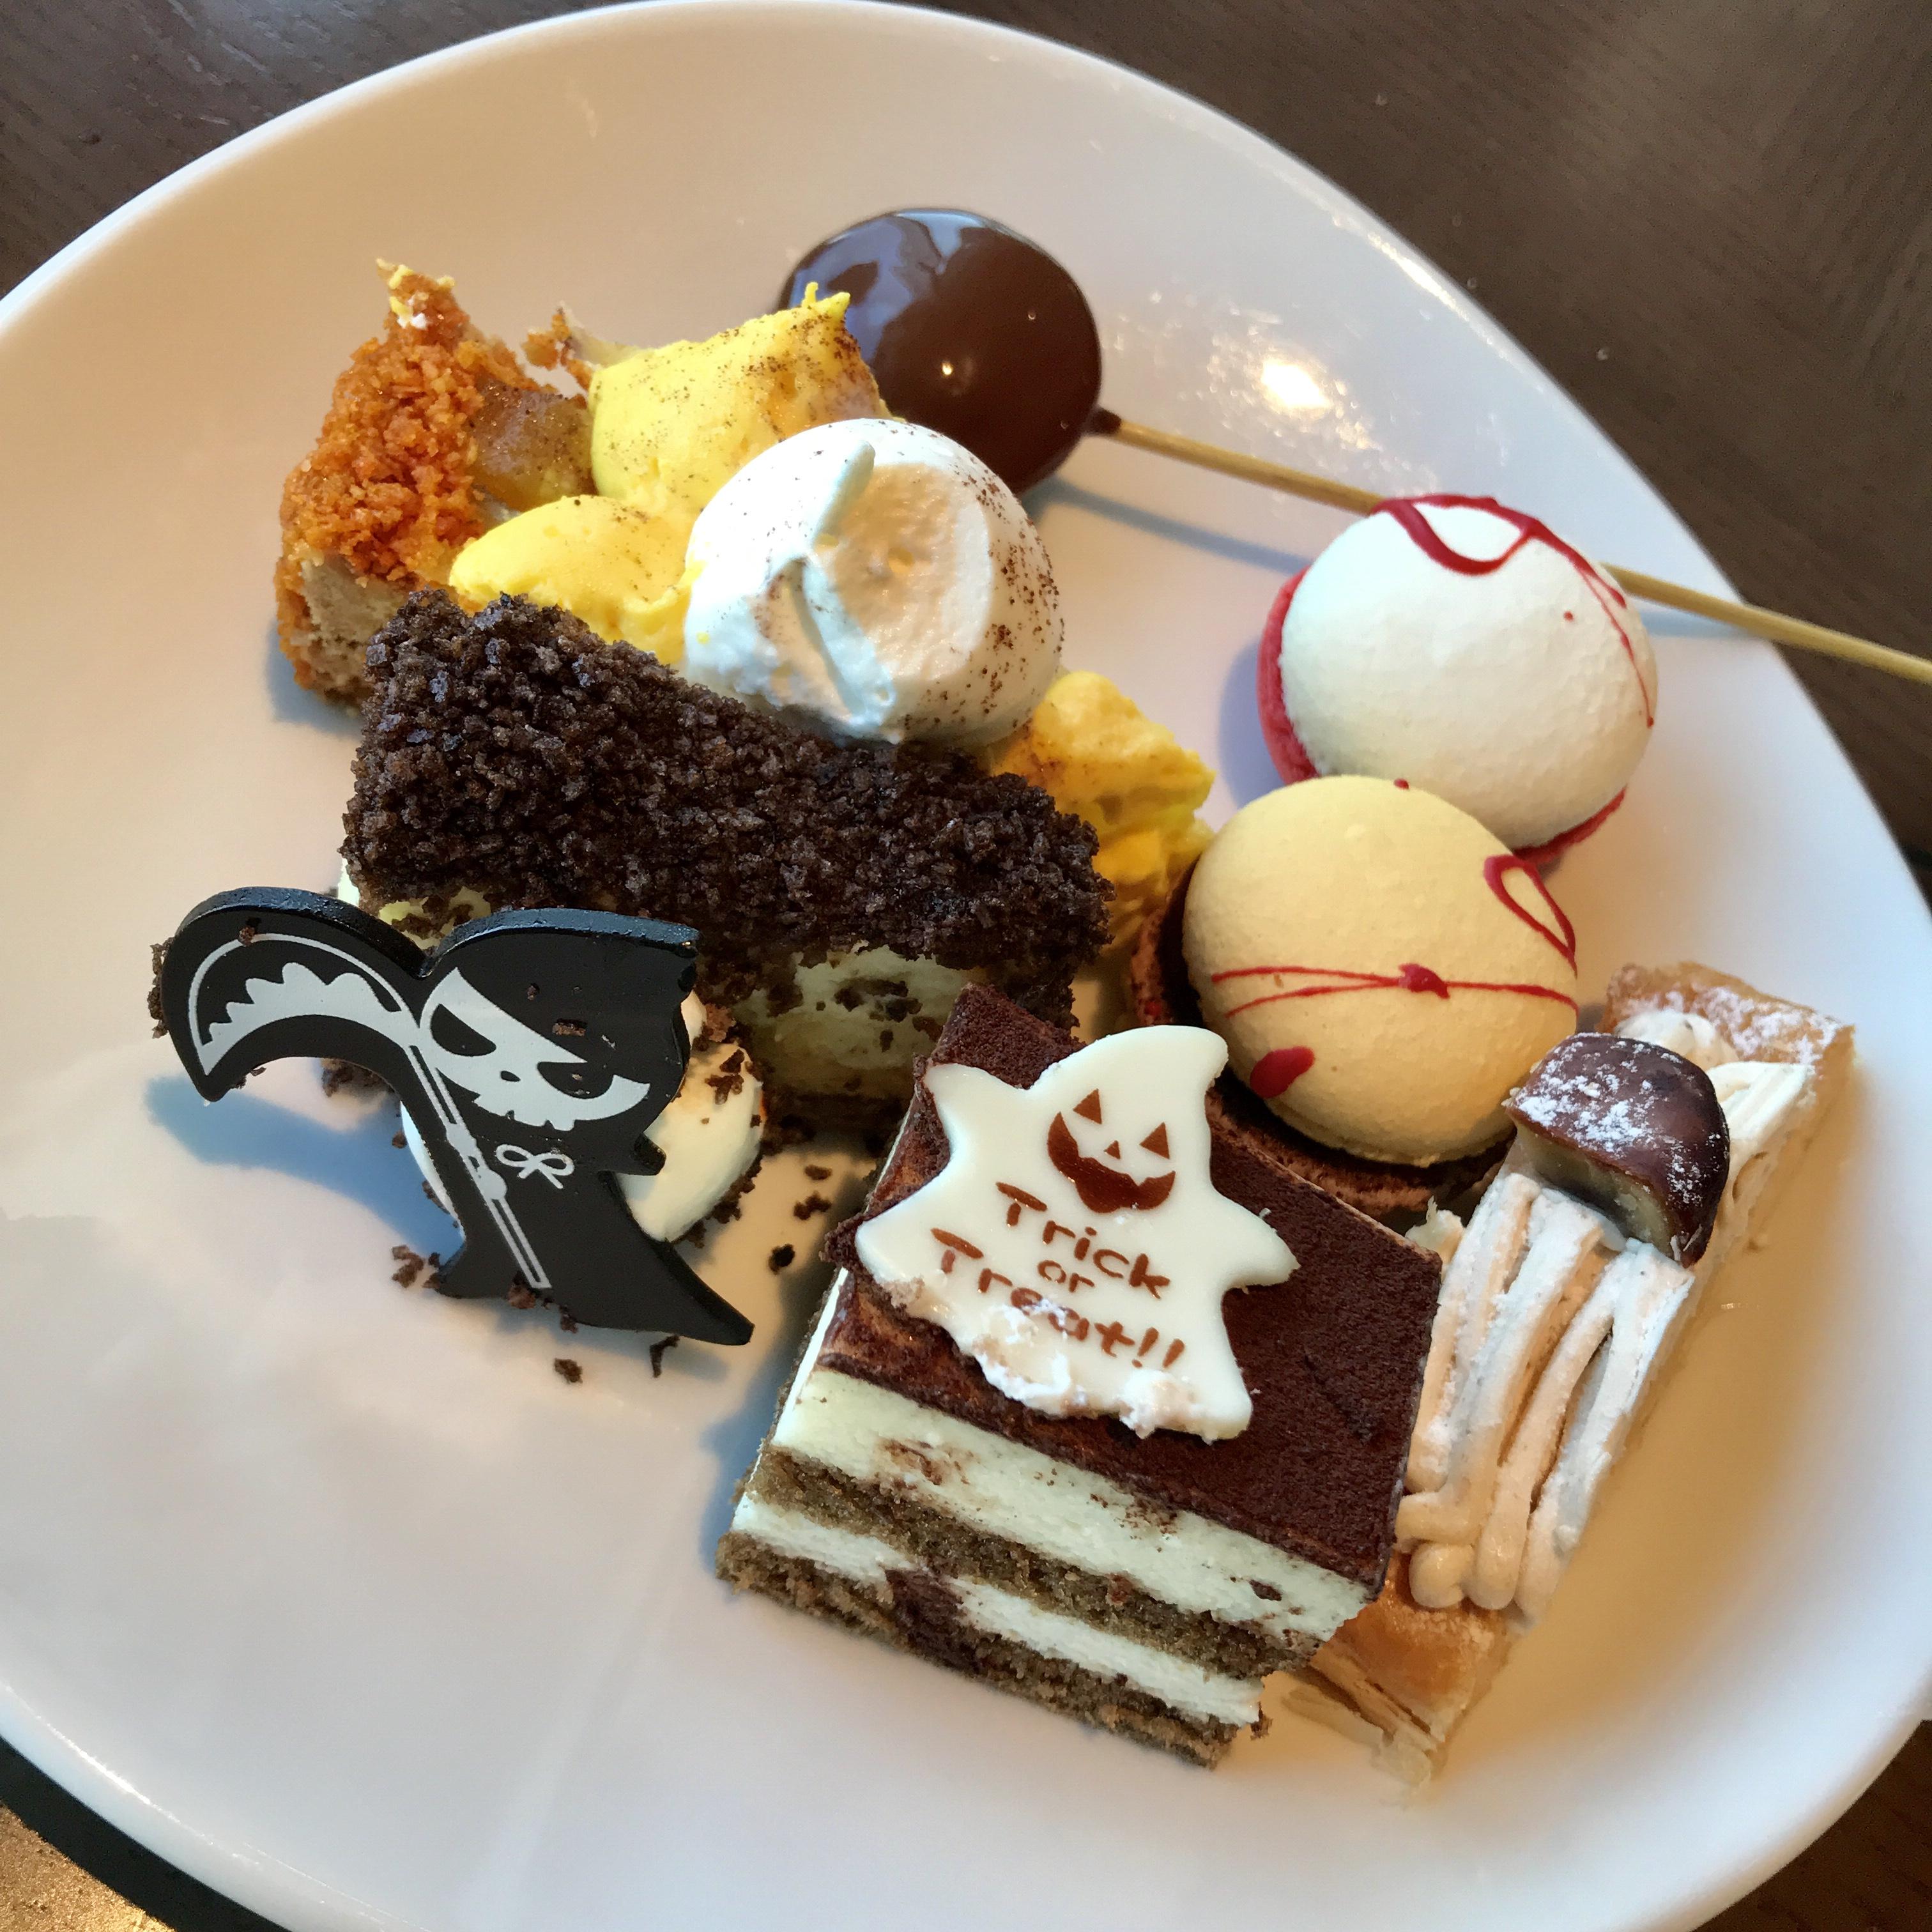 【ハロウィンスイーツブッフェへ出掛けよう!】10/5〜スタート!スイスホテル南海大阪 Swiss Chocoholic Halloween Buffet レセプションに行ってきました。【大阪 難波 なんば】_13